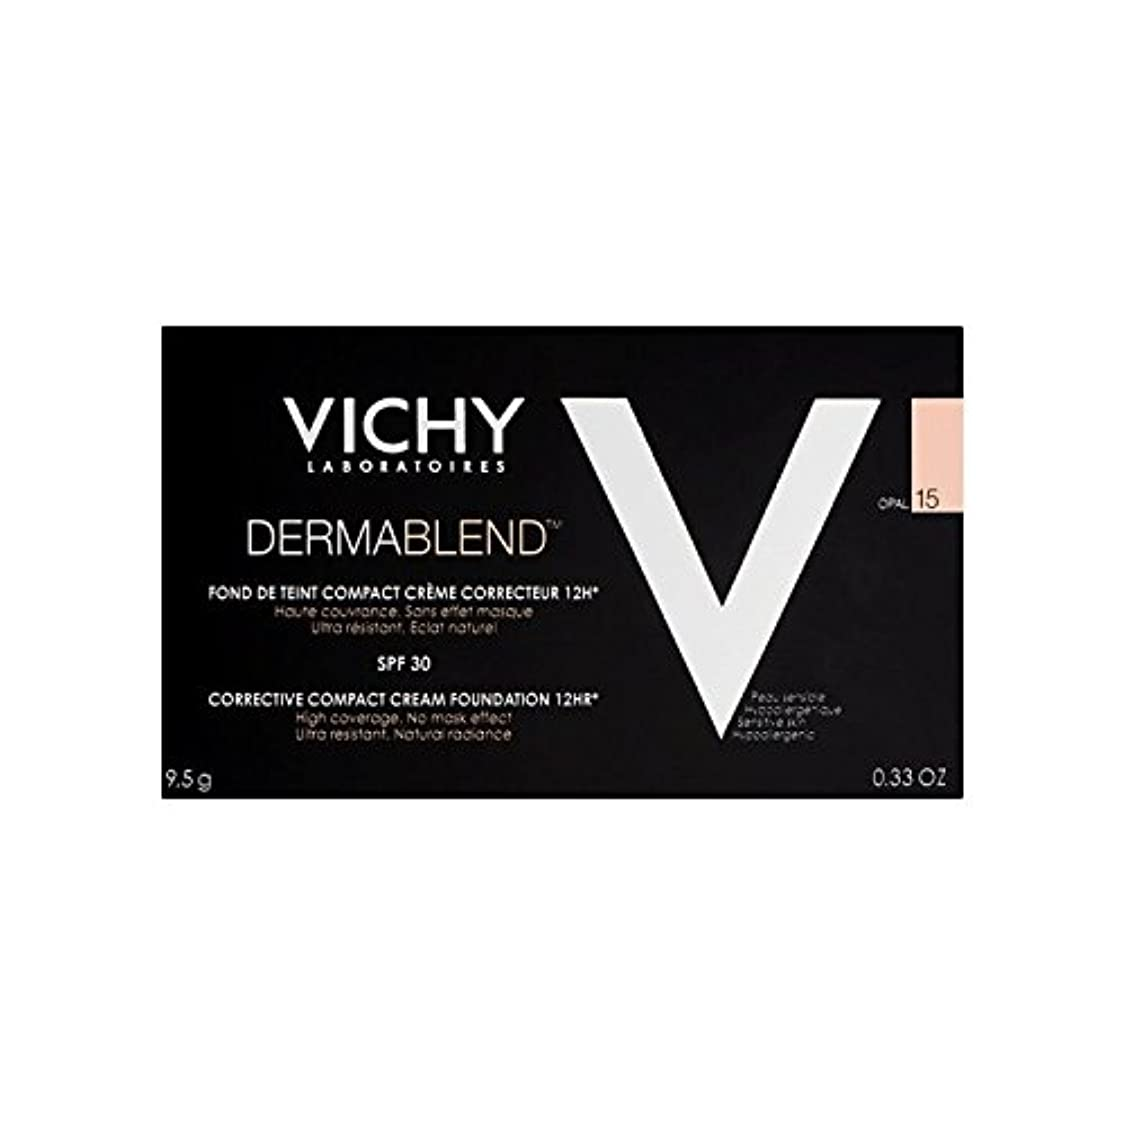 フラグラントと遊ぶ寺院Vichy Dermablend Corrective Compact Cream Foundation Opal 15 (Pack of 6) - ヴィシー是正コンパクトクリームファンデーションオパール15 x6 [並行輸入品]